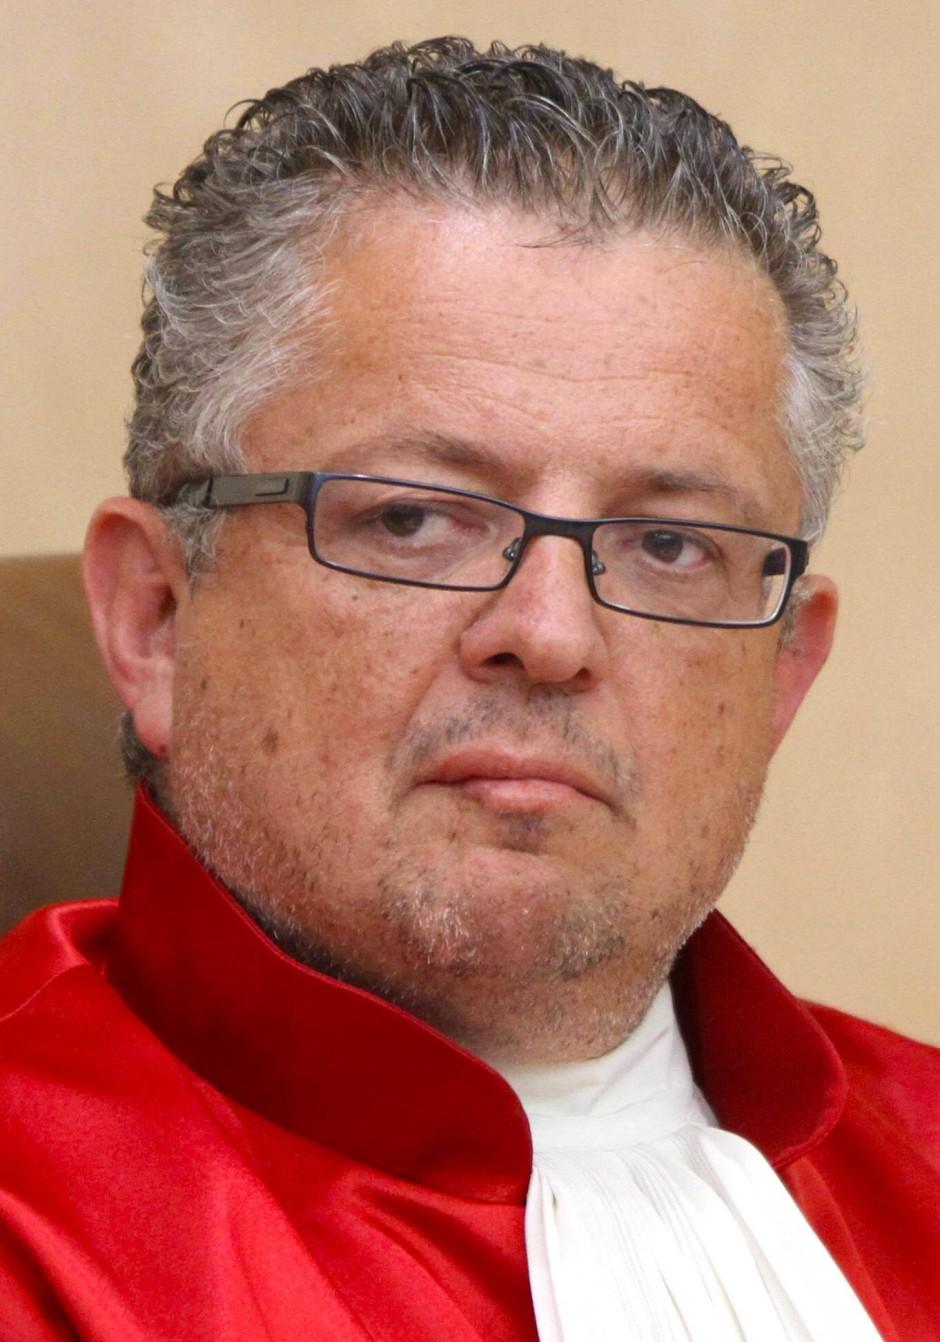 Professor Dr. Peter M. Huber ist Richter des Bundesverfassungsgerichts und im Zweiten Senat unter anderem für das Europa- und Völkerrecht zuständig. Er lehrt an der Ludwigs-Maximilians-Universität München Öffentliches Recht und Staatsphilosophie.